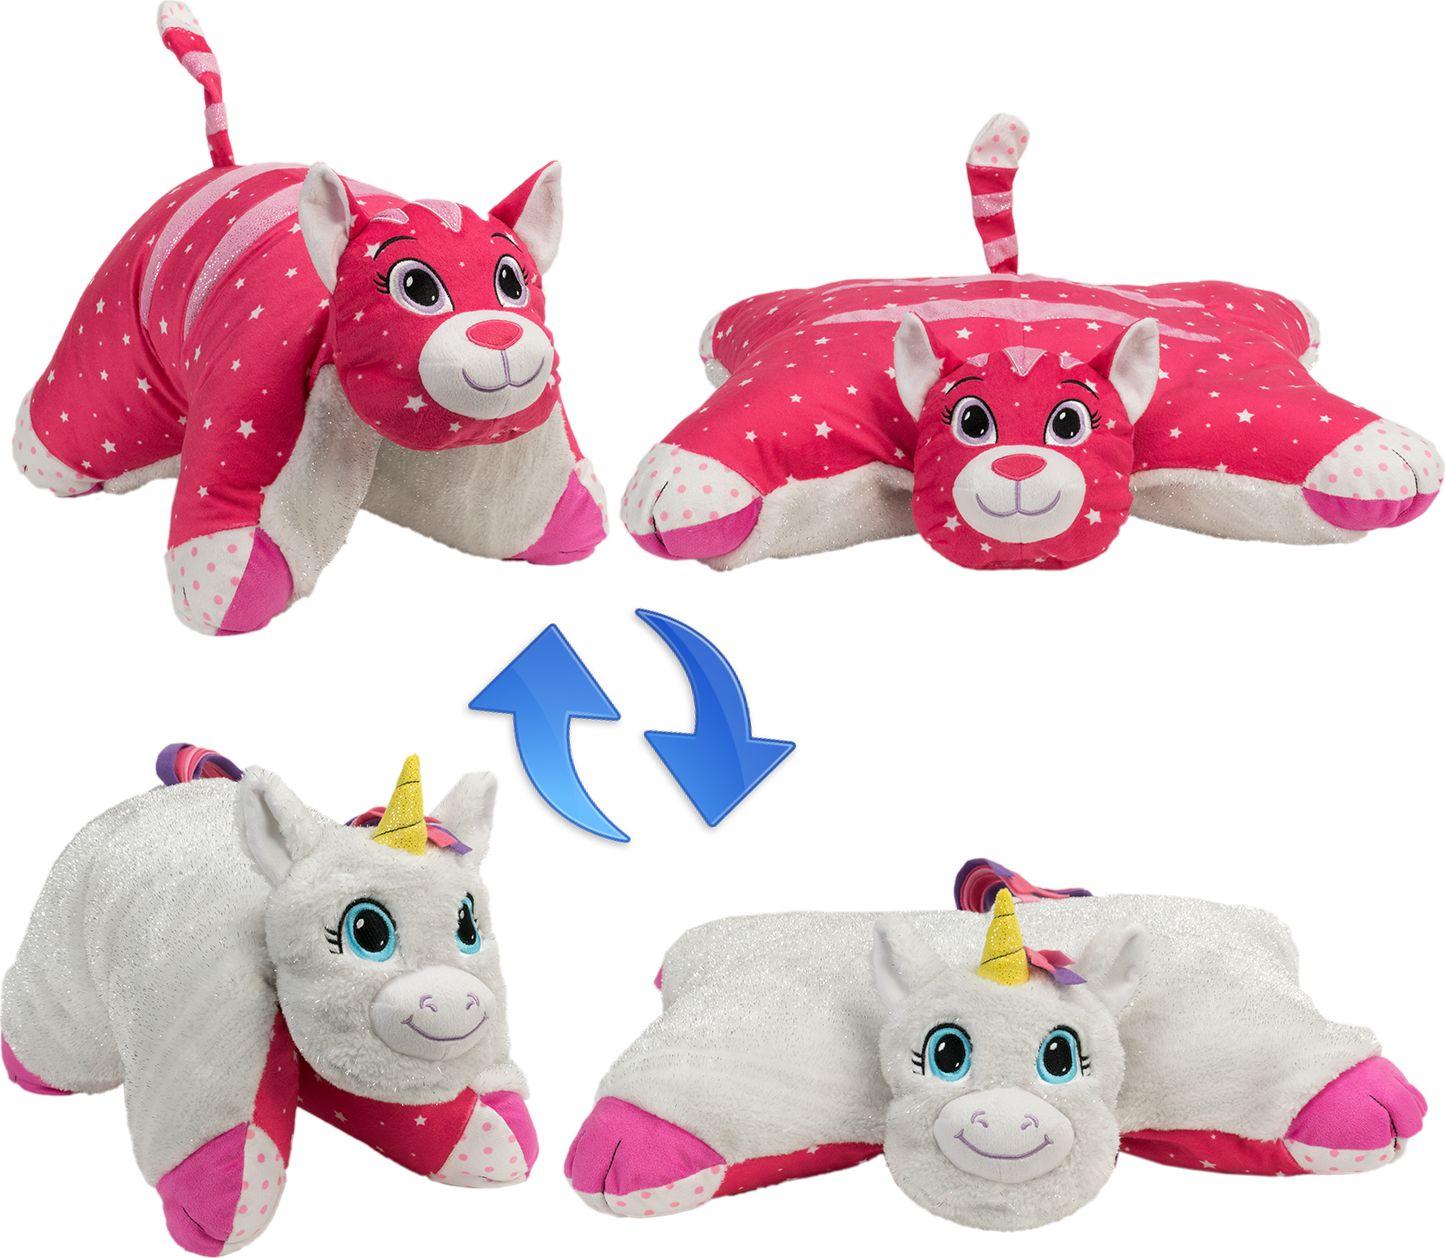 Zakazat.ru: 1TOY Мягкая игрушка Вывернушка 2в1 Белый Единорог-Розовая Кошечка 16 см